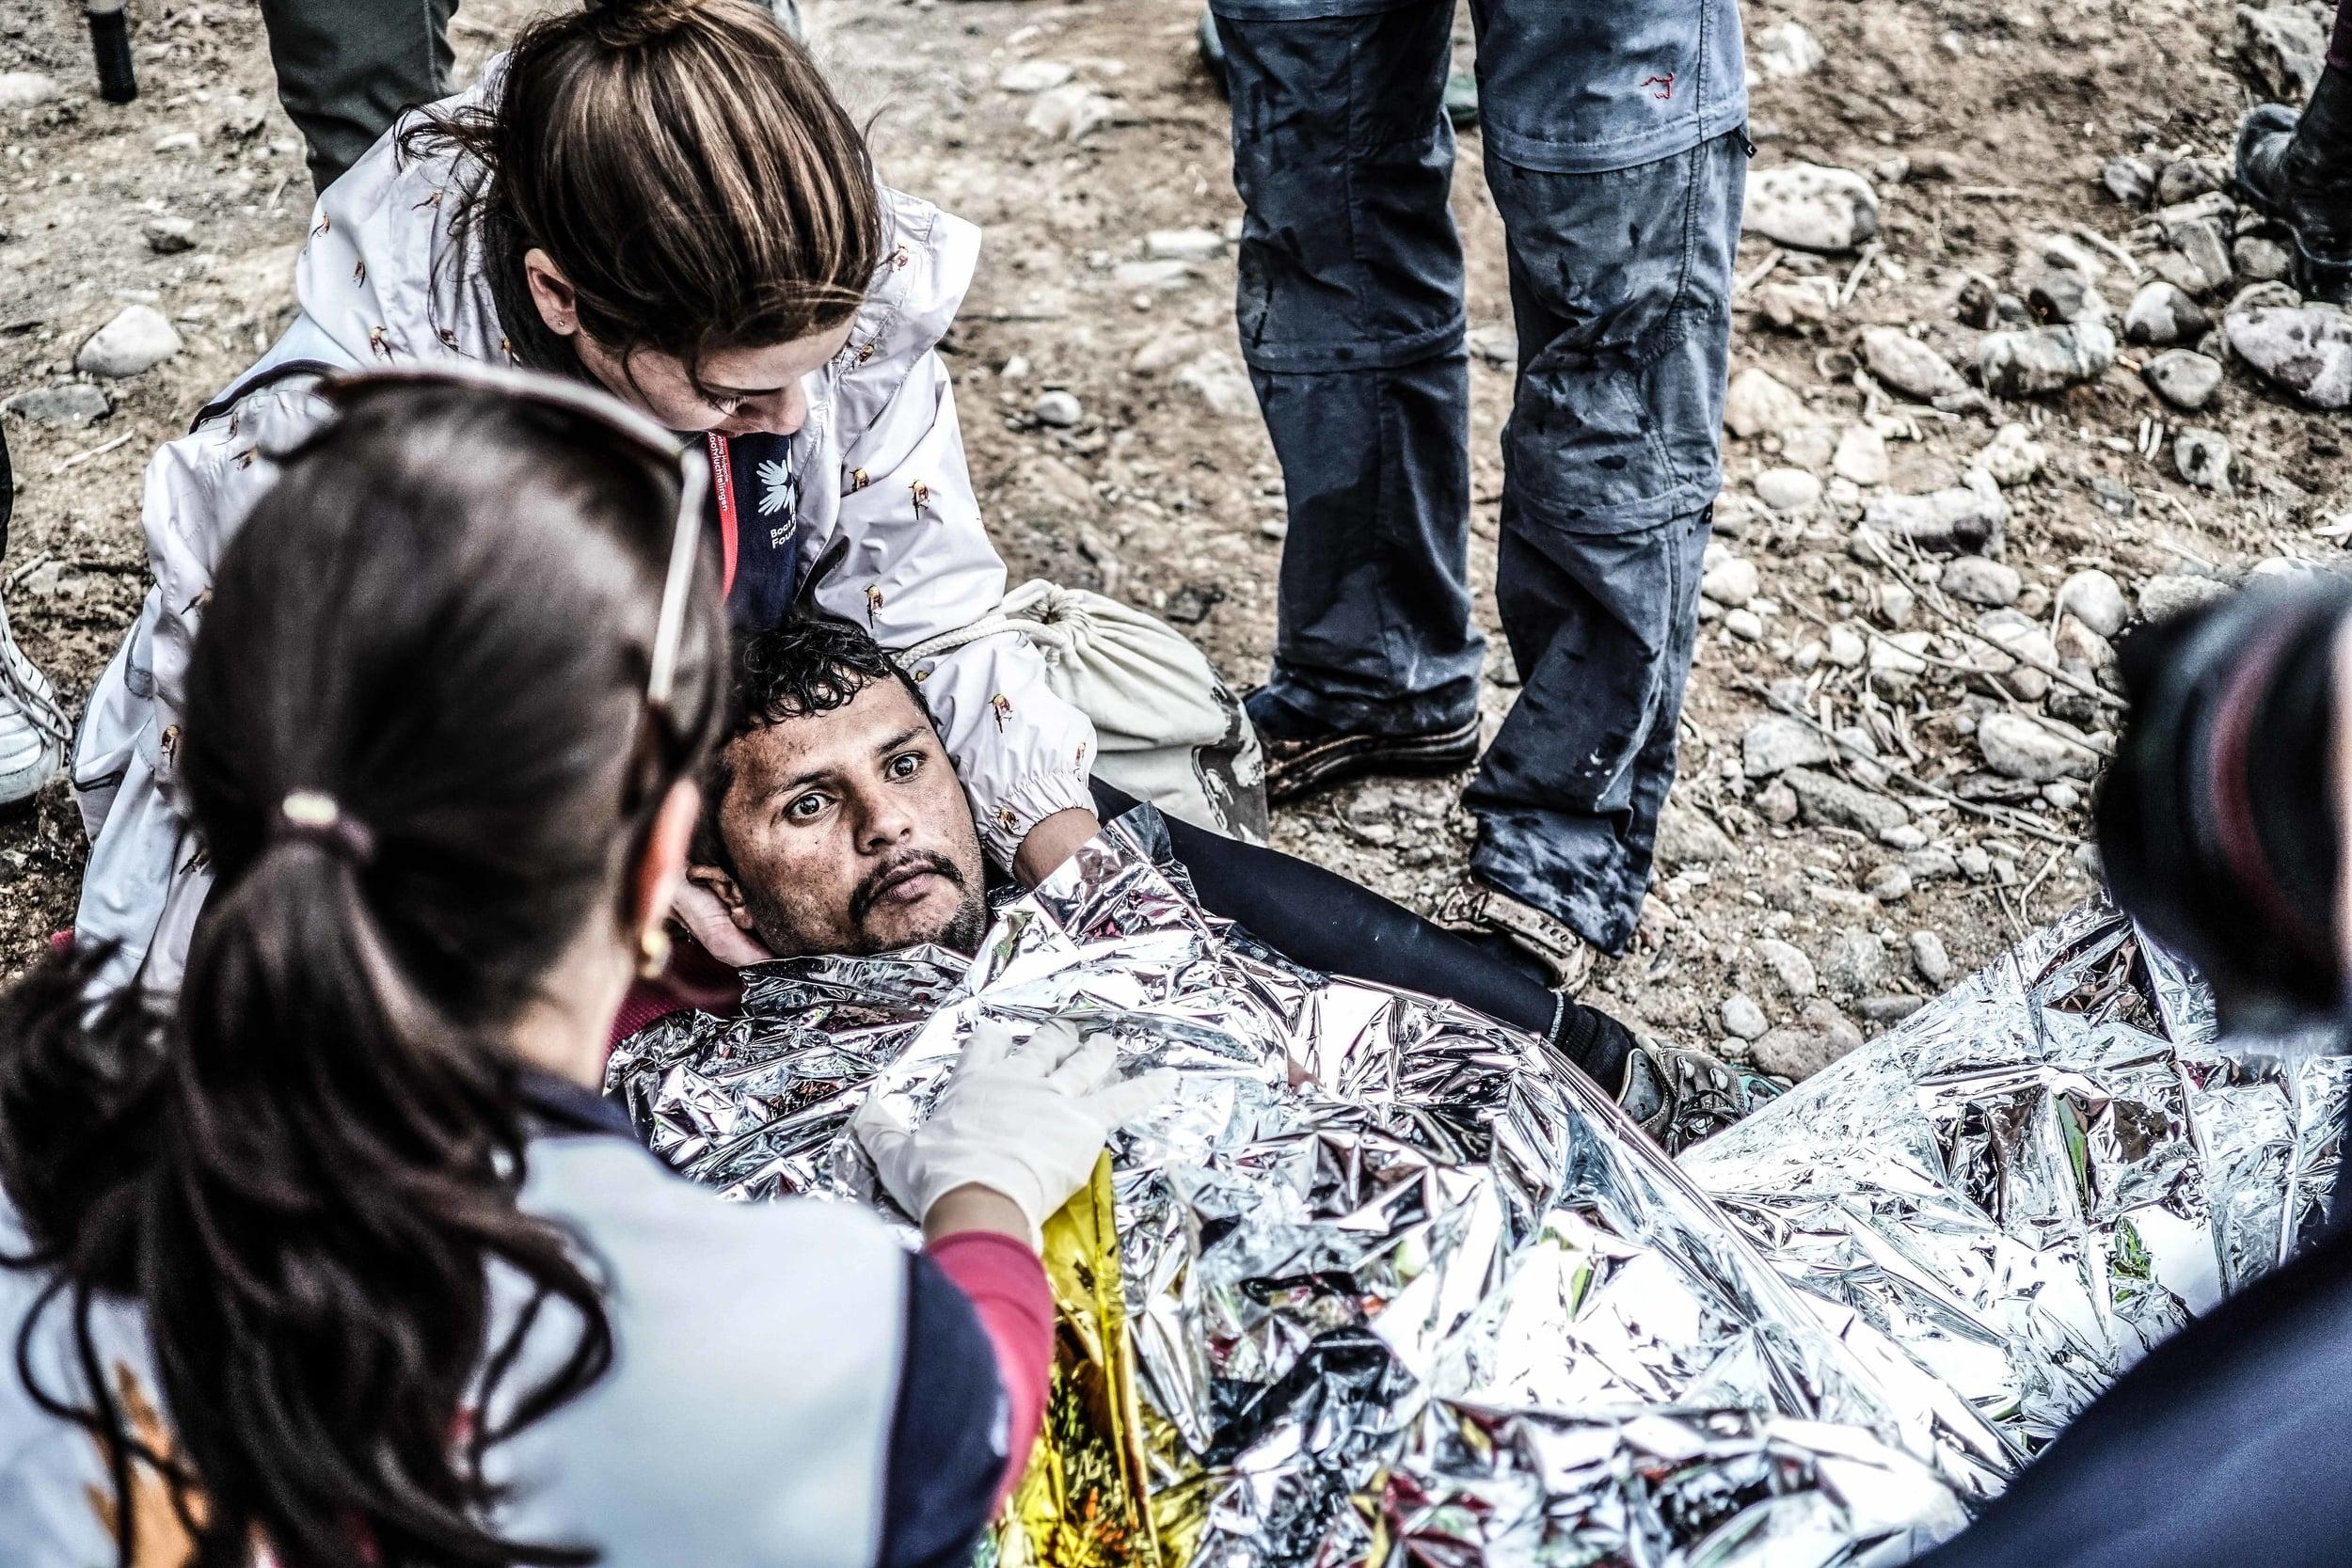 Harrison Bruhn Refugee Crisis Migrant November 2015 Lesvos Greece.jpg